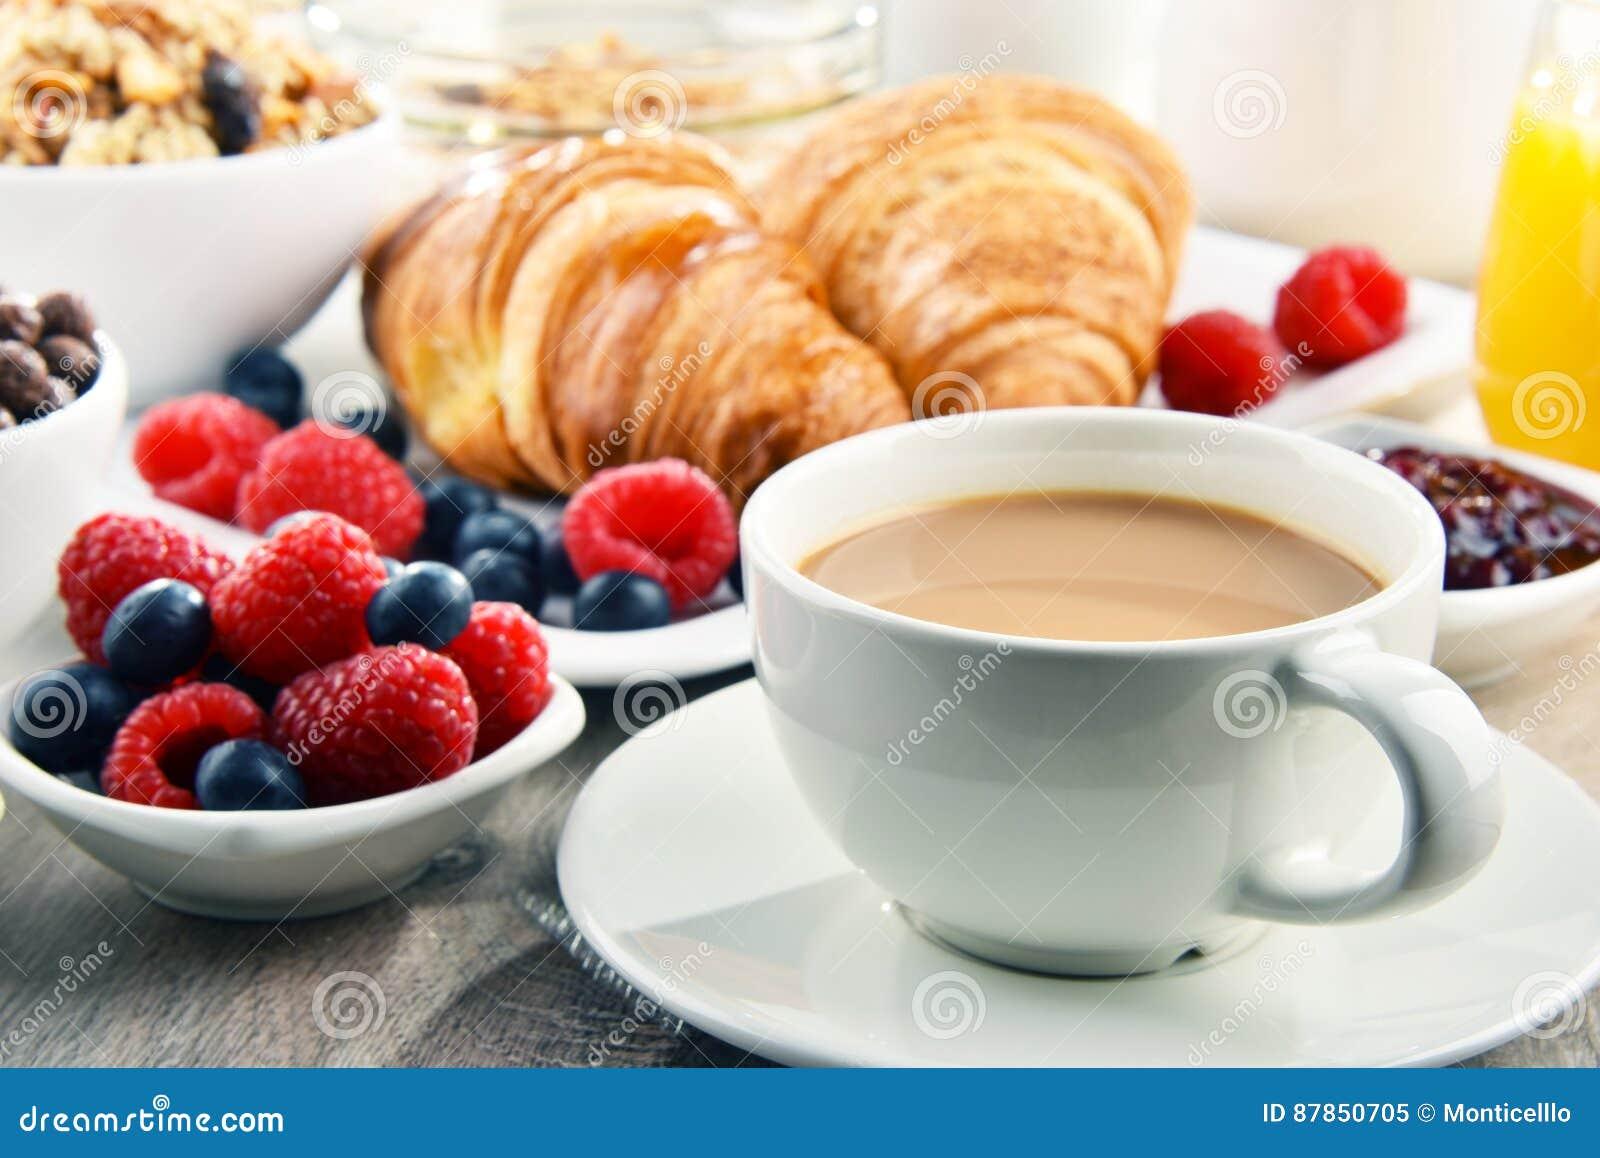 Frühstück diente mit Kaffee, Saft, Hörnchen und Früchten